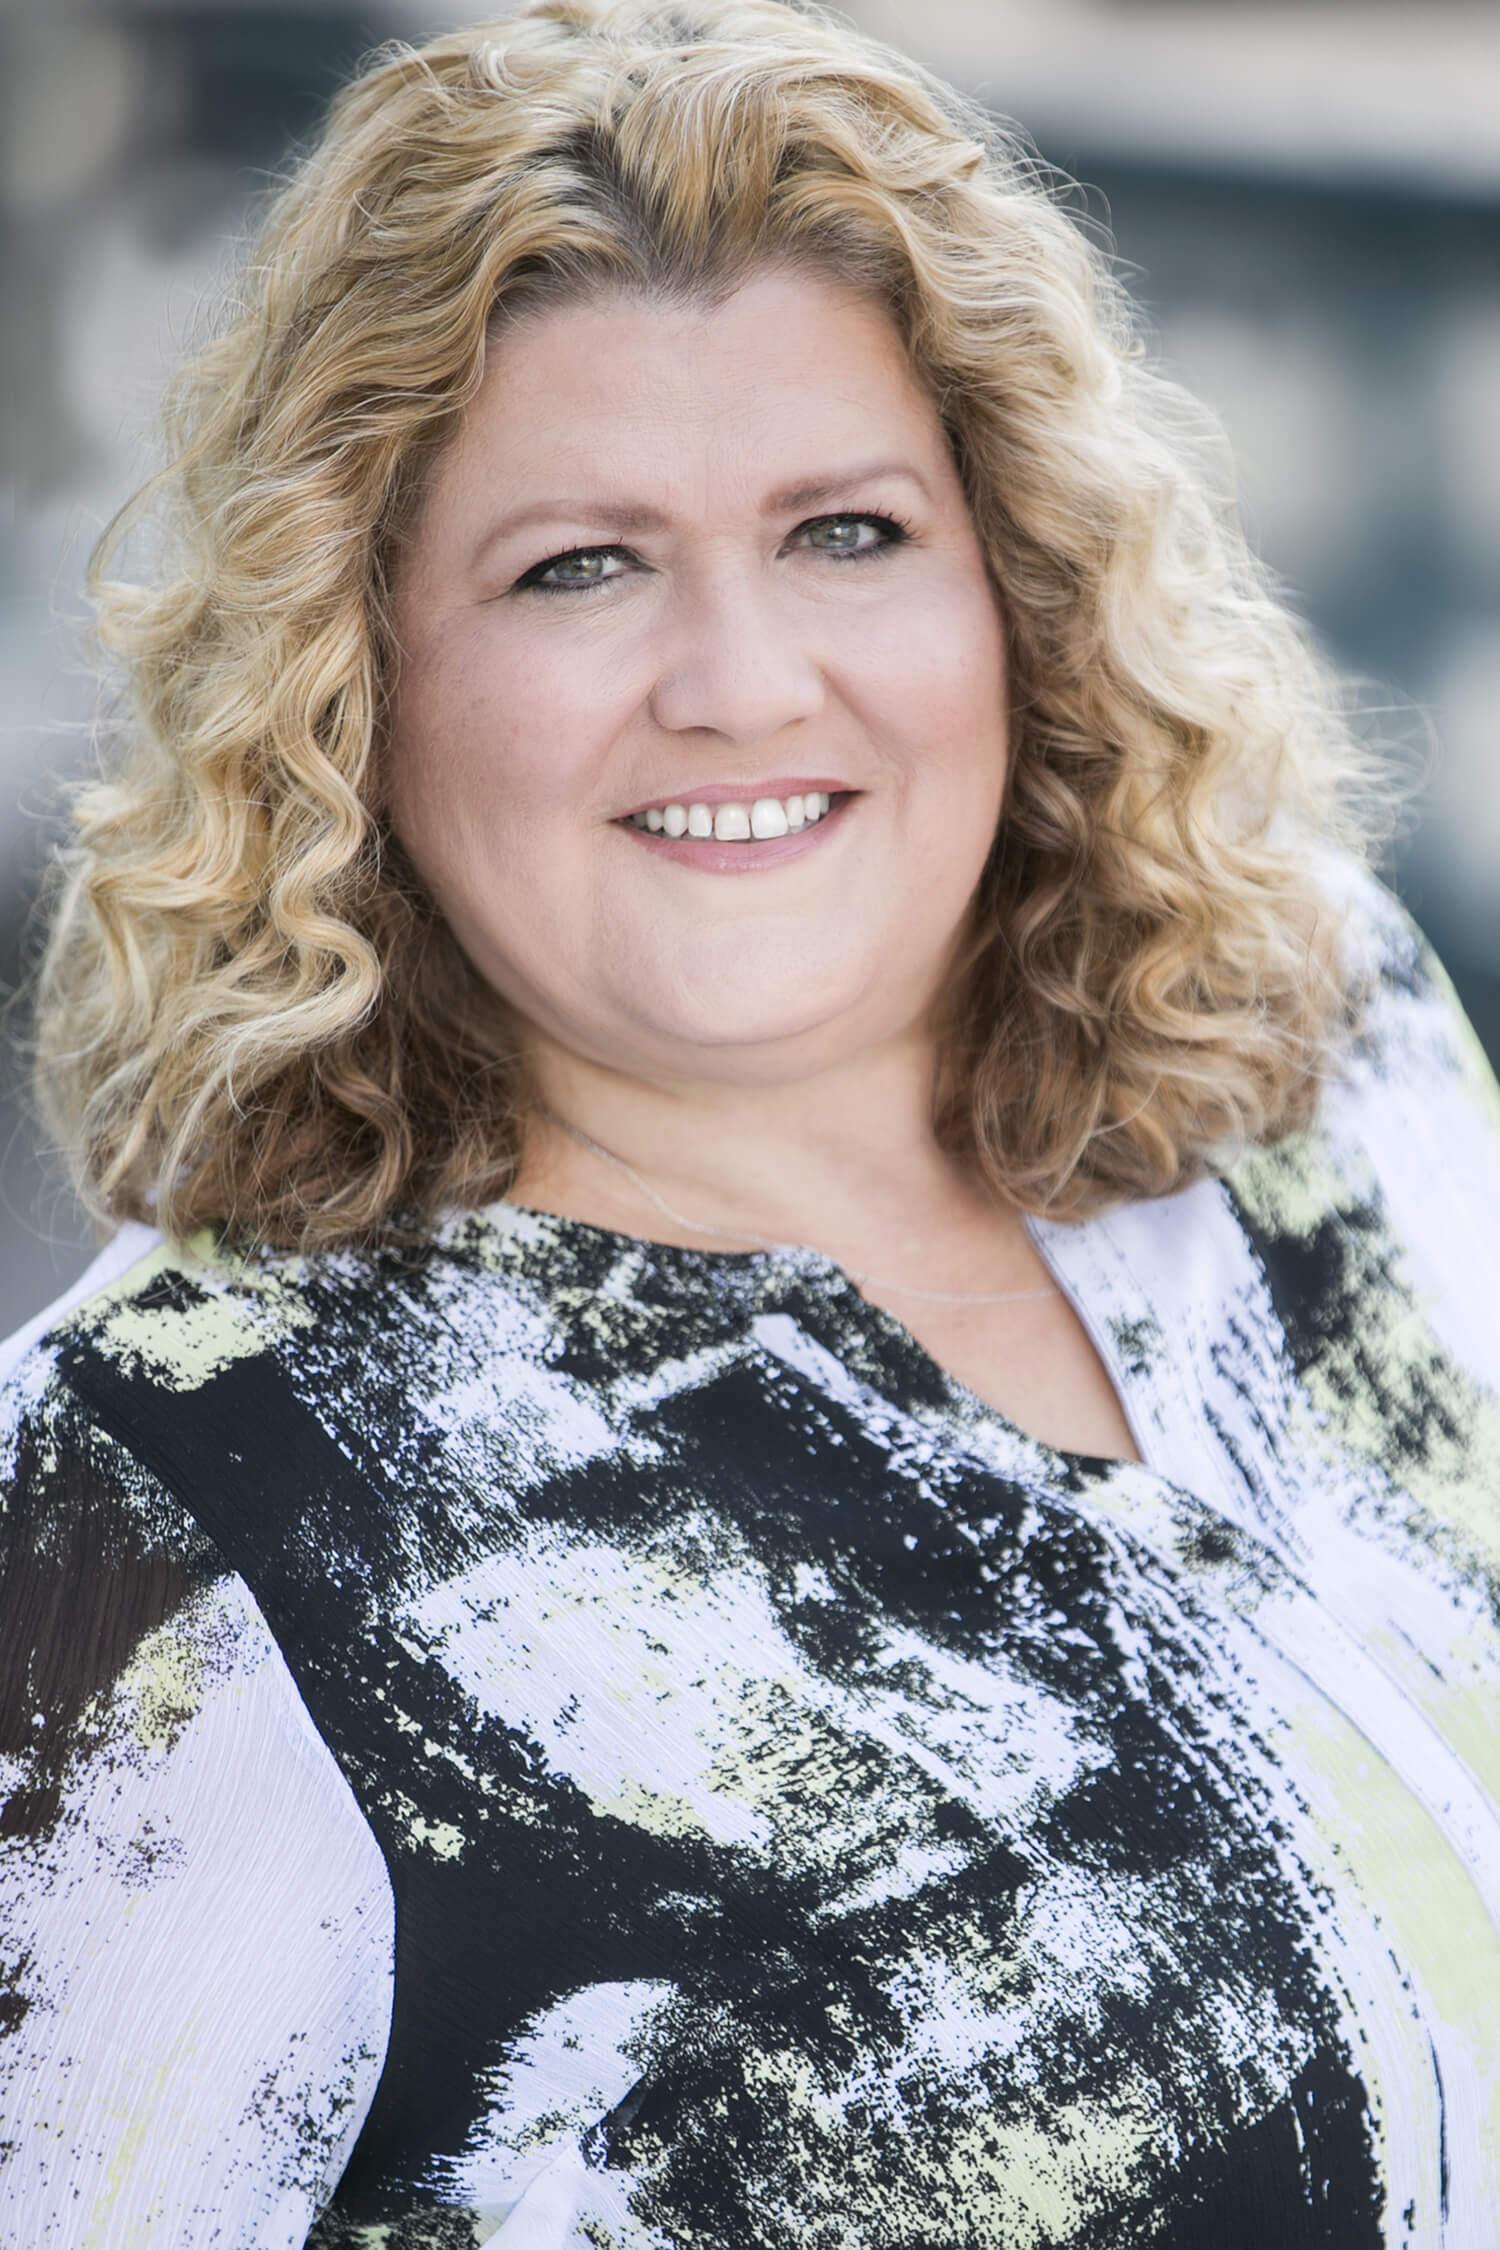 Anne Tuccitto Photo - http://www.tatonkare.com/